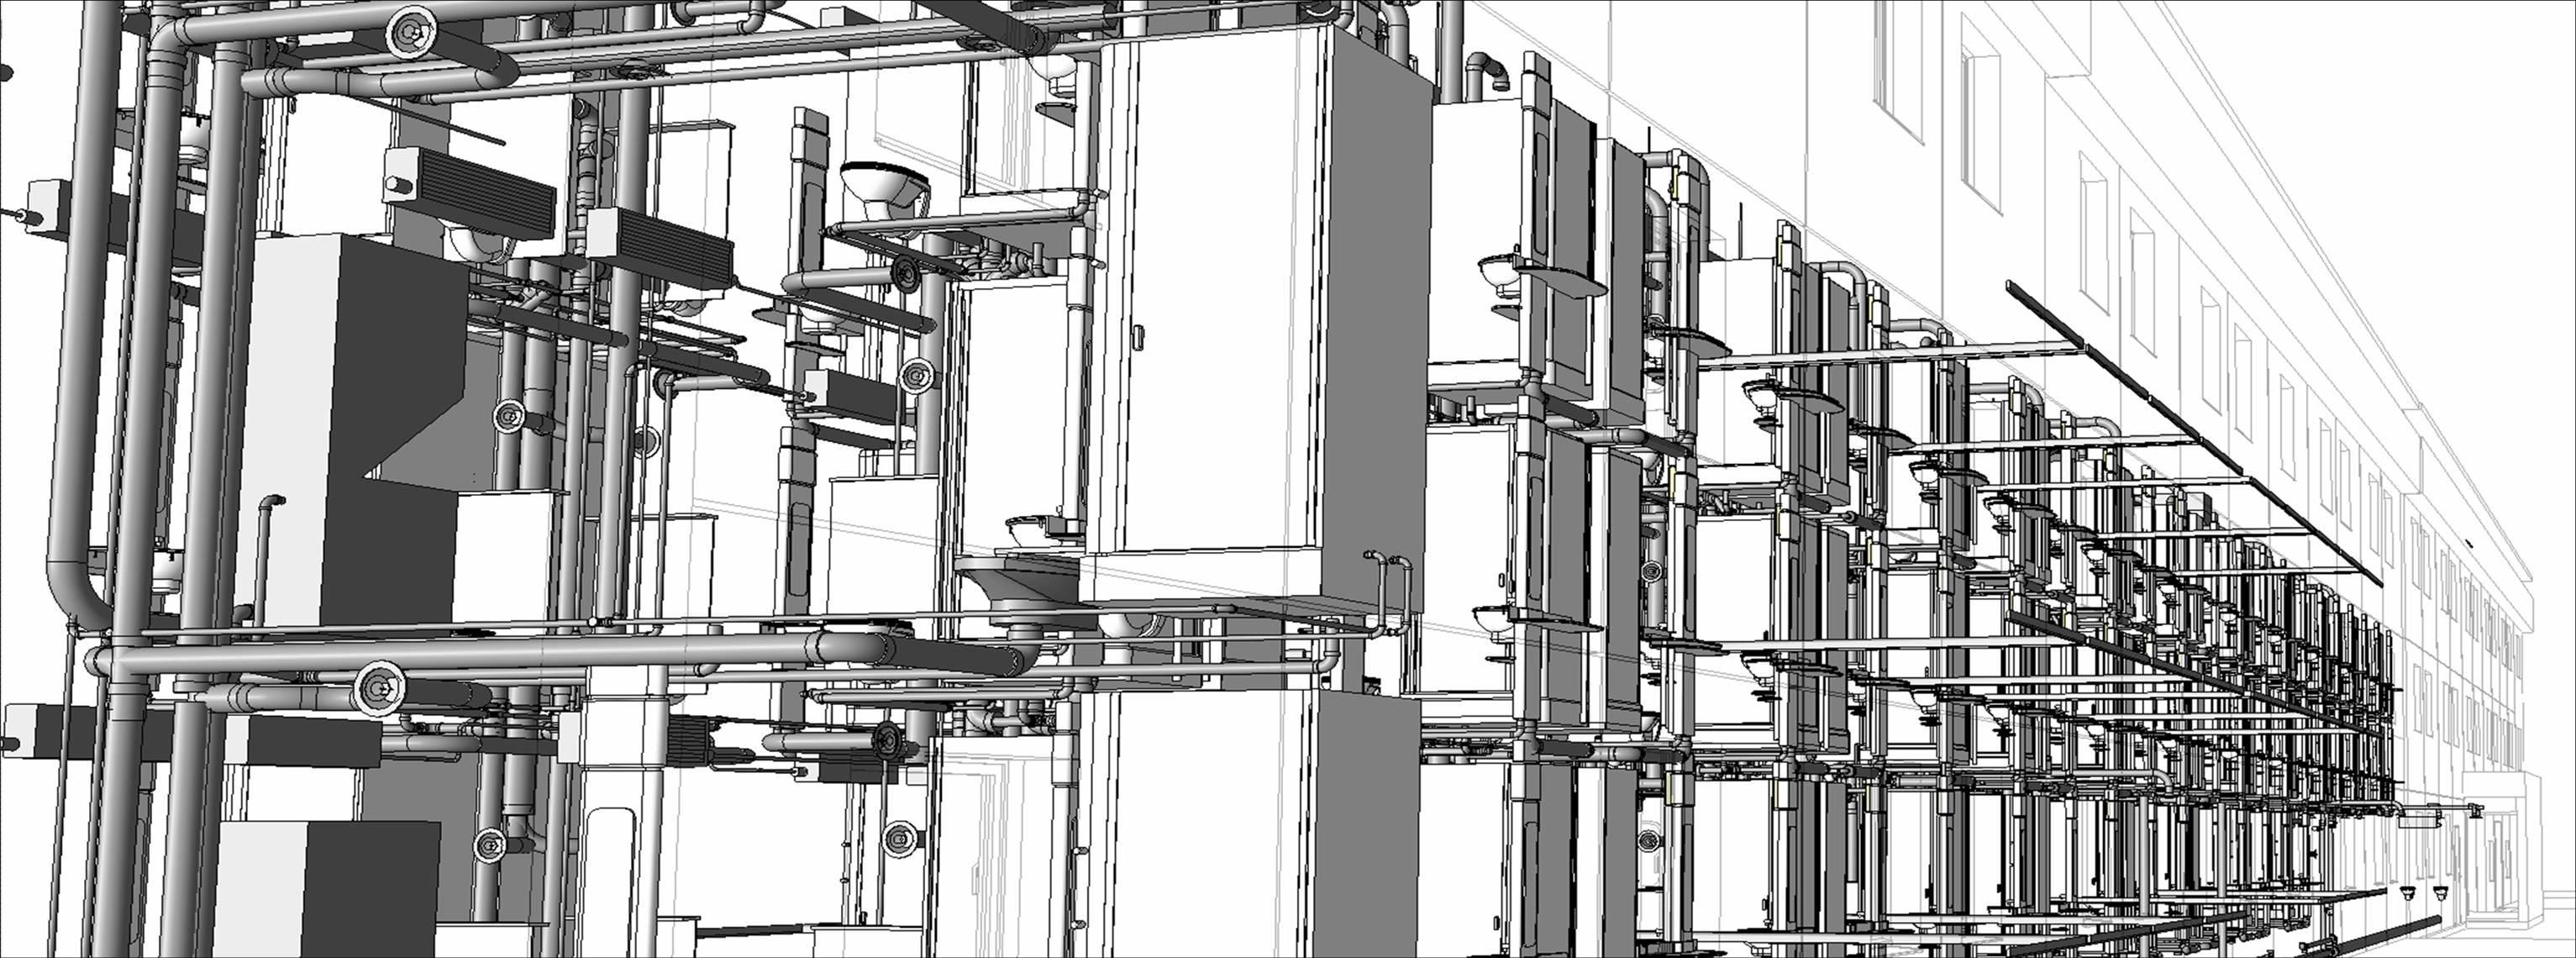 Vue sur les réseaux de plomberie et de climatisation pour la standardisation d'une chaîne hôtelière (2010). Groupe OGER INTERNATIONAL (MOT)